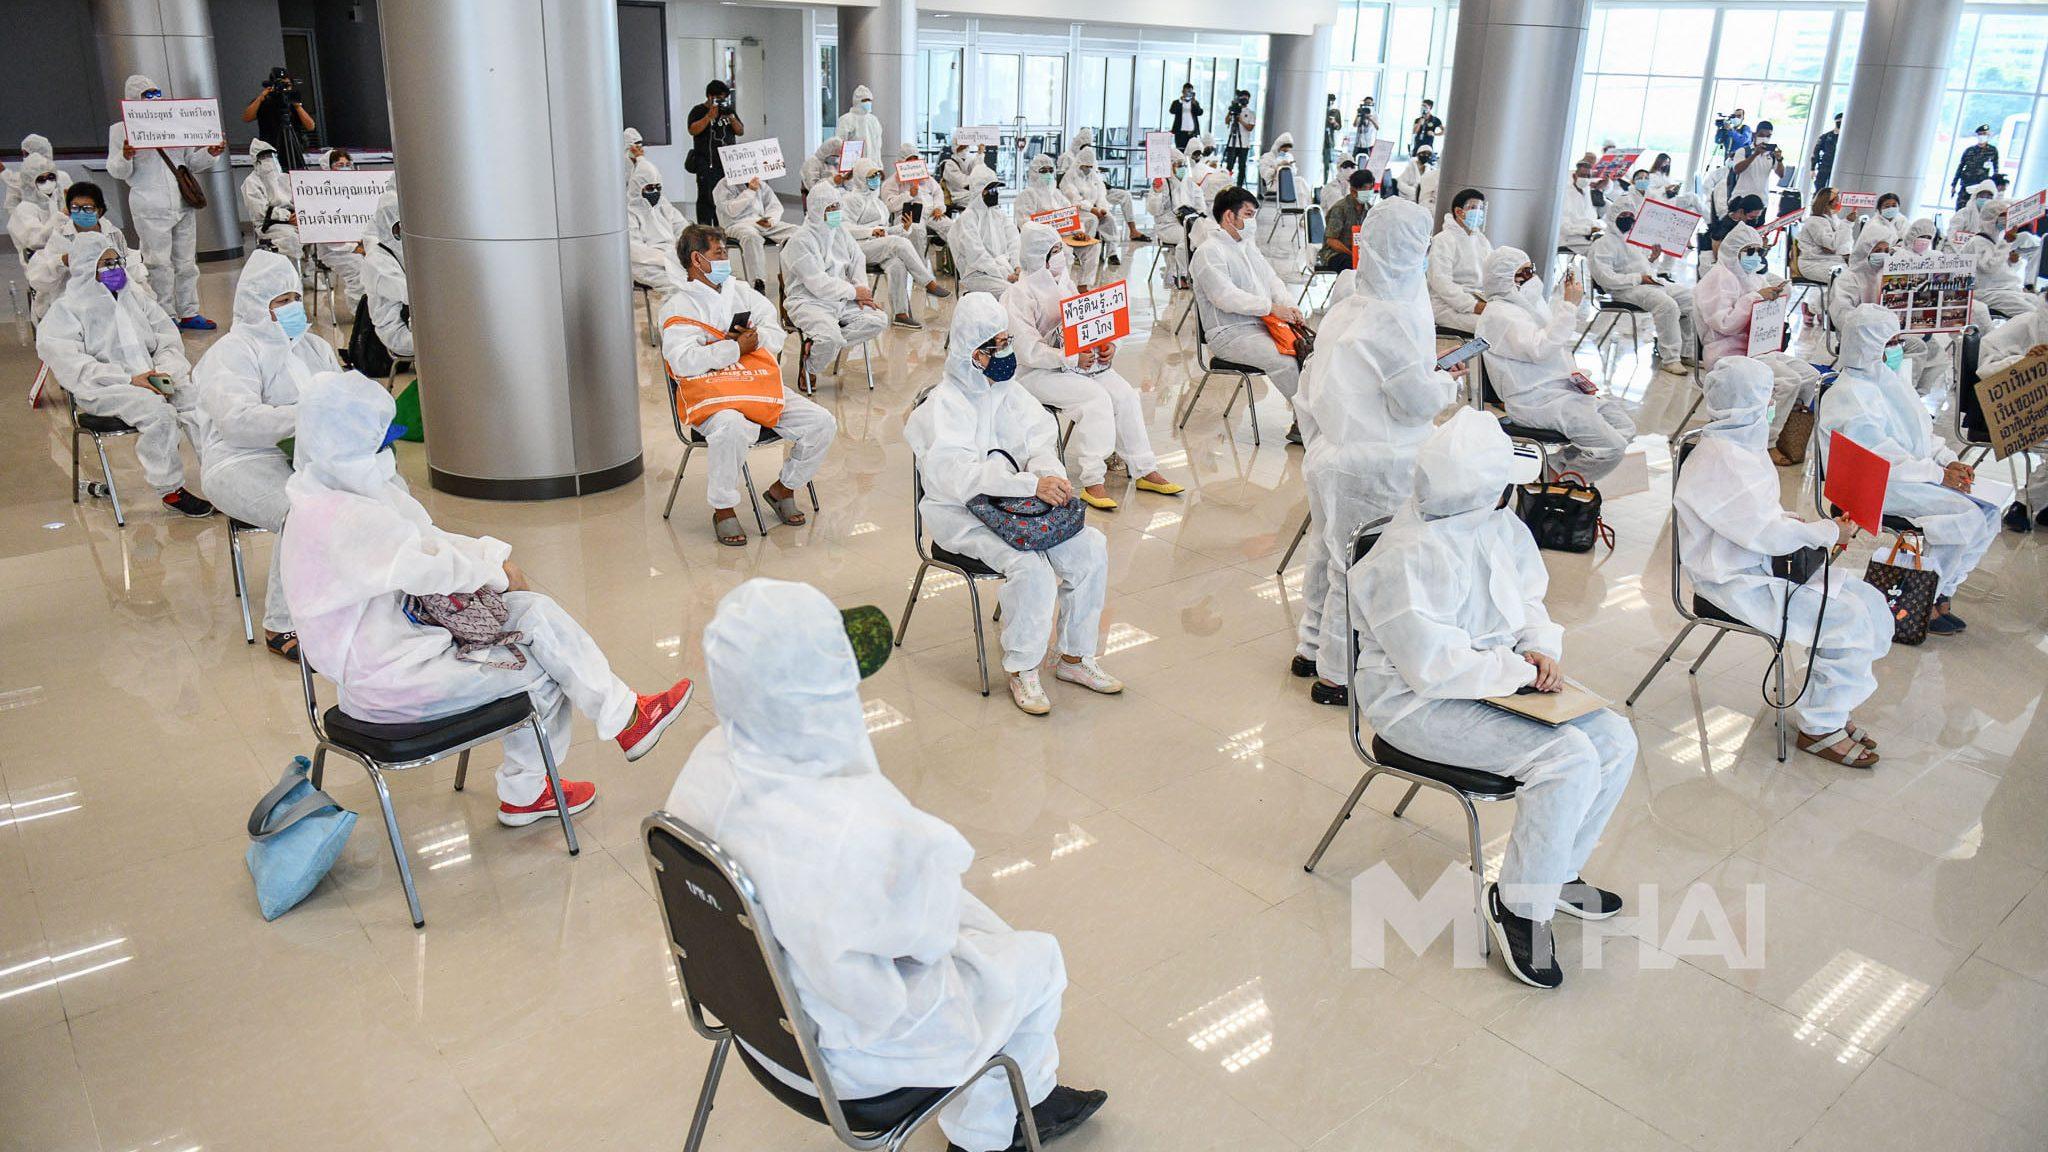 """กลุ่มผู้เสียหายคดี """"ประสิทธิ์ เจียวก๊ก"""" สวมชุด PPE ร้องให้ติดตามอายัดทรัพย์ผู้ต้องหา"""